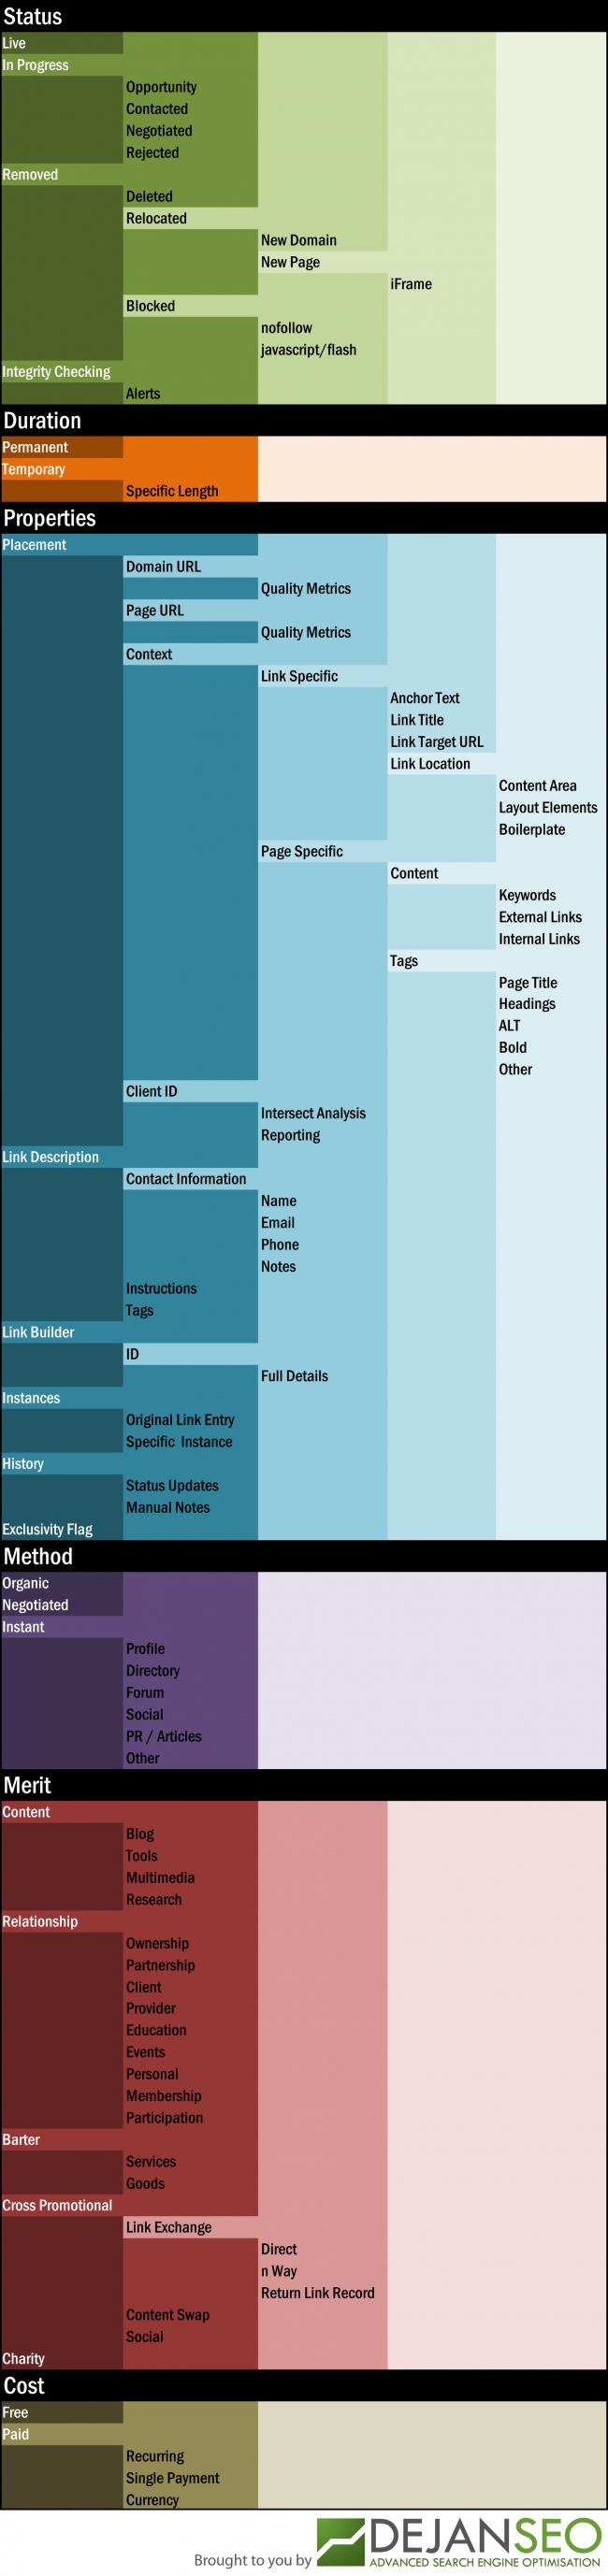 Dejan SEO: Link Anatomy Visualisation